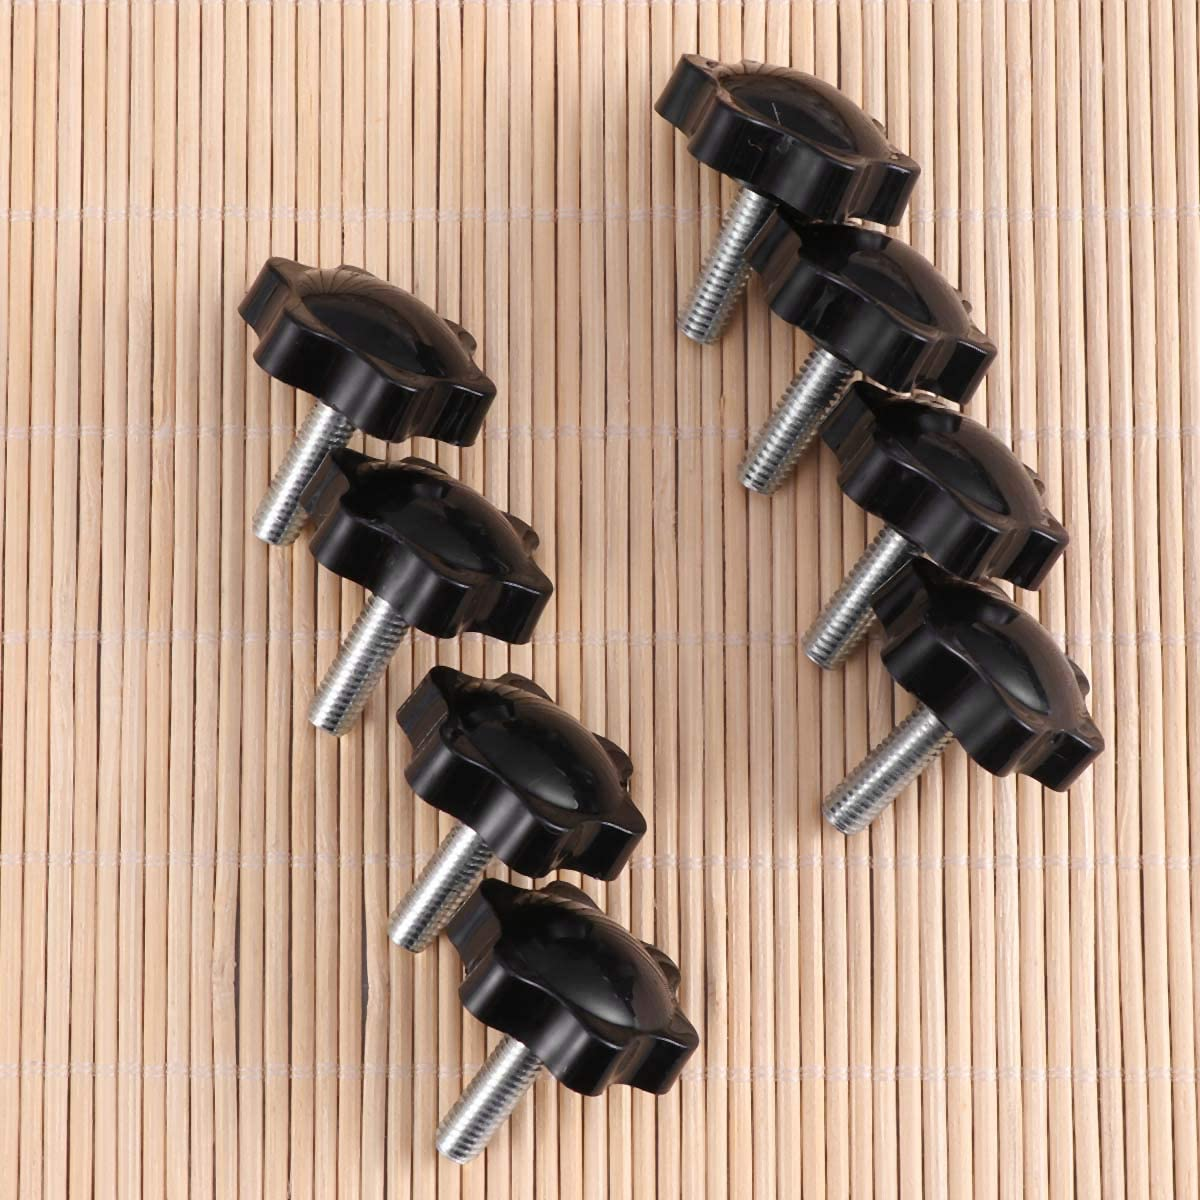 Metal y pl/ástico Color Negro 20 Unidades, M6 x 32 mm, Rosca Macho Perilla de Repuesto para Tornillo de apriete de Mano Yardwe